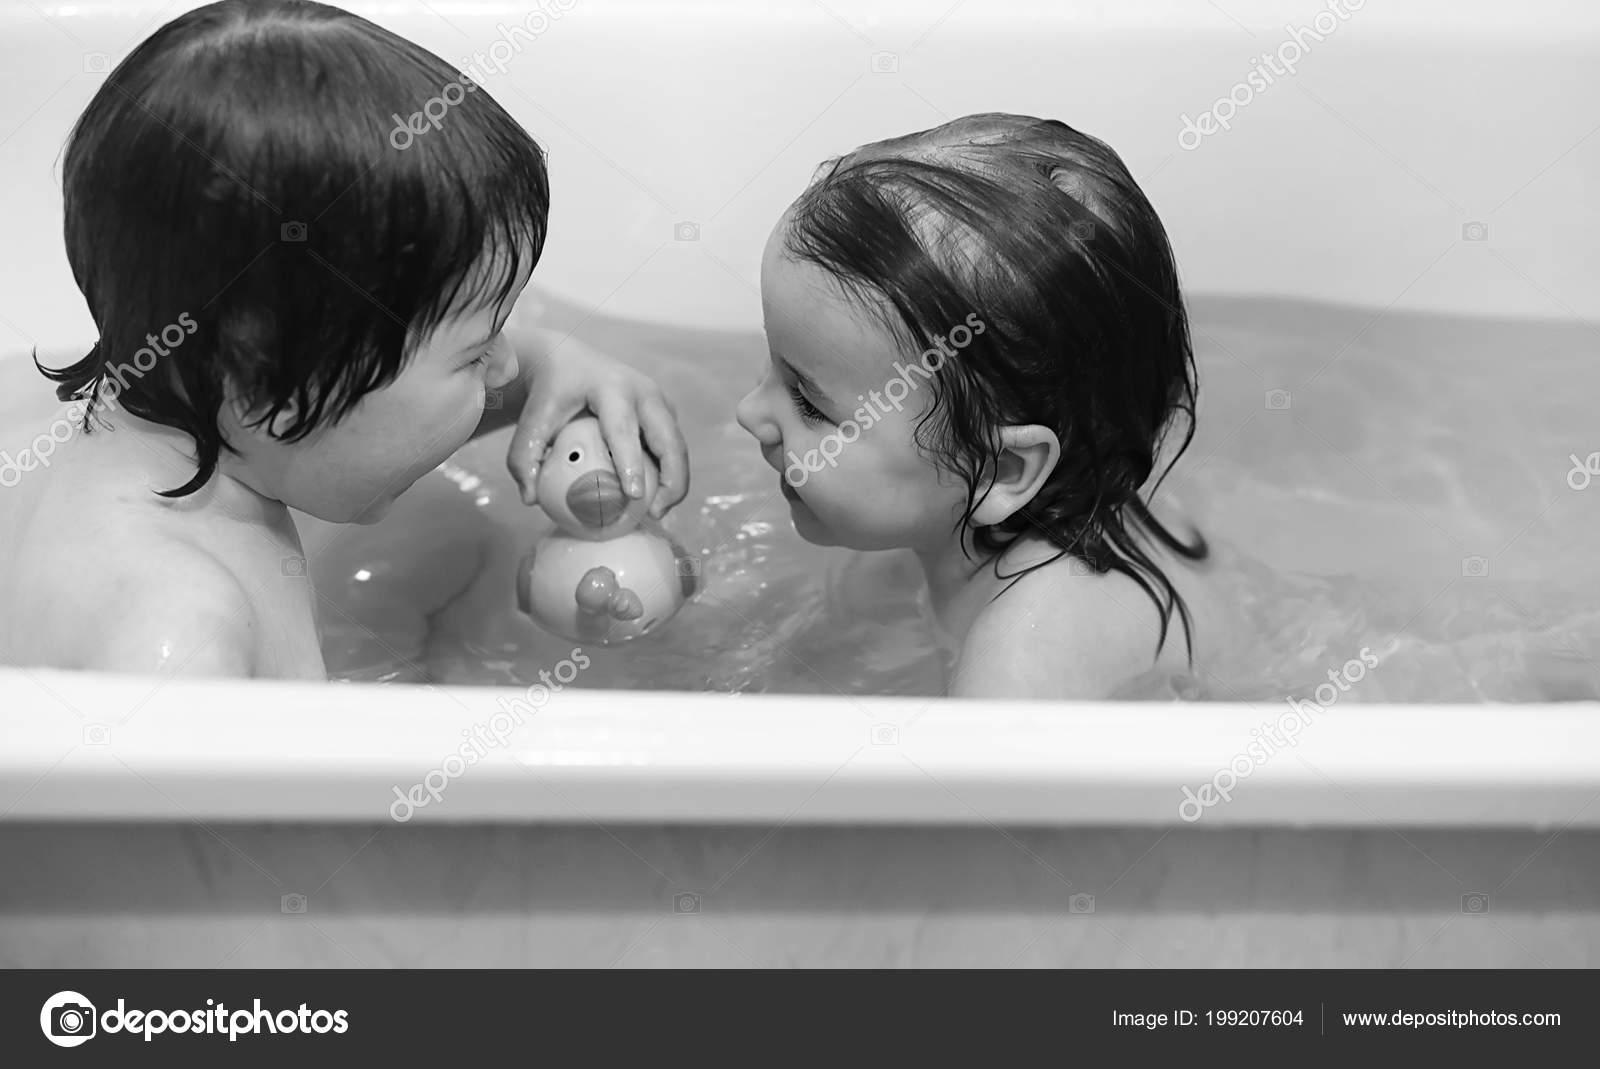 Трахает сын маму в ванной фото, в ванной с мамой - порно фото поиск 33 фотография